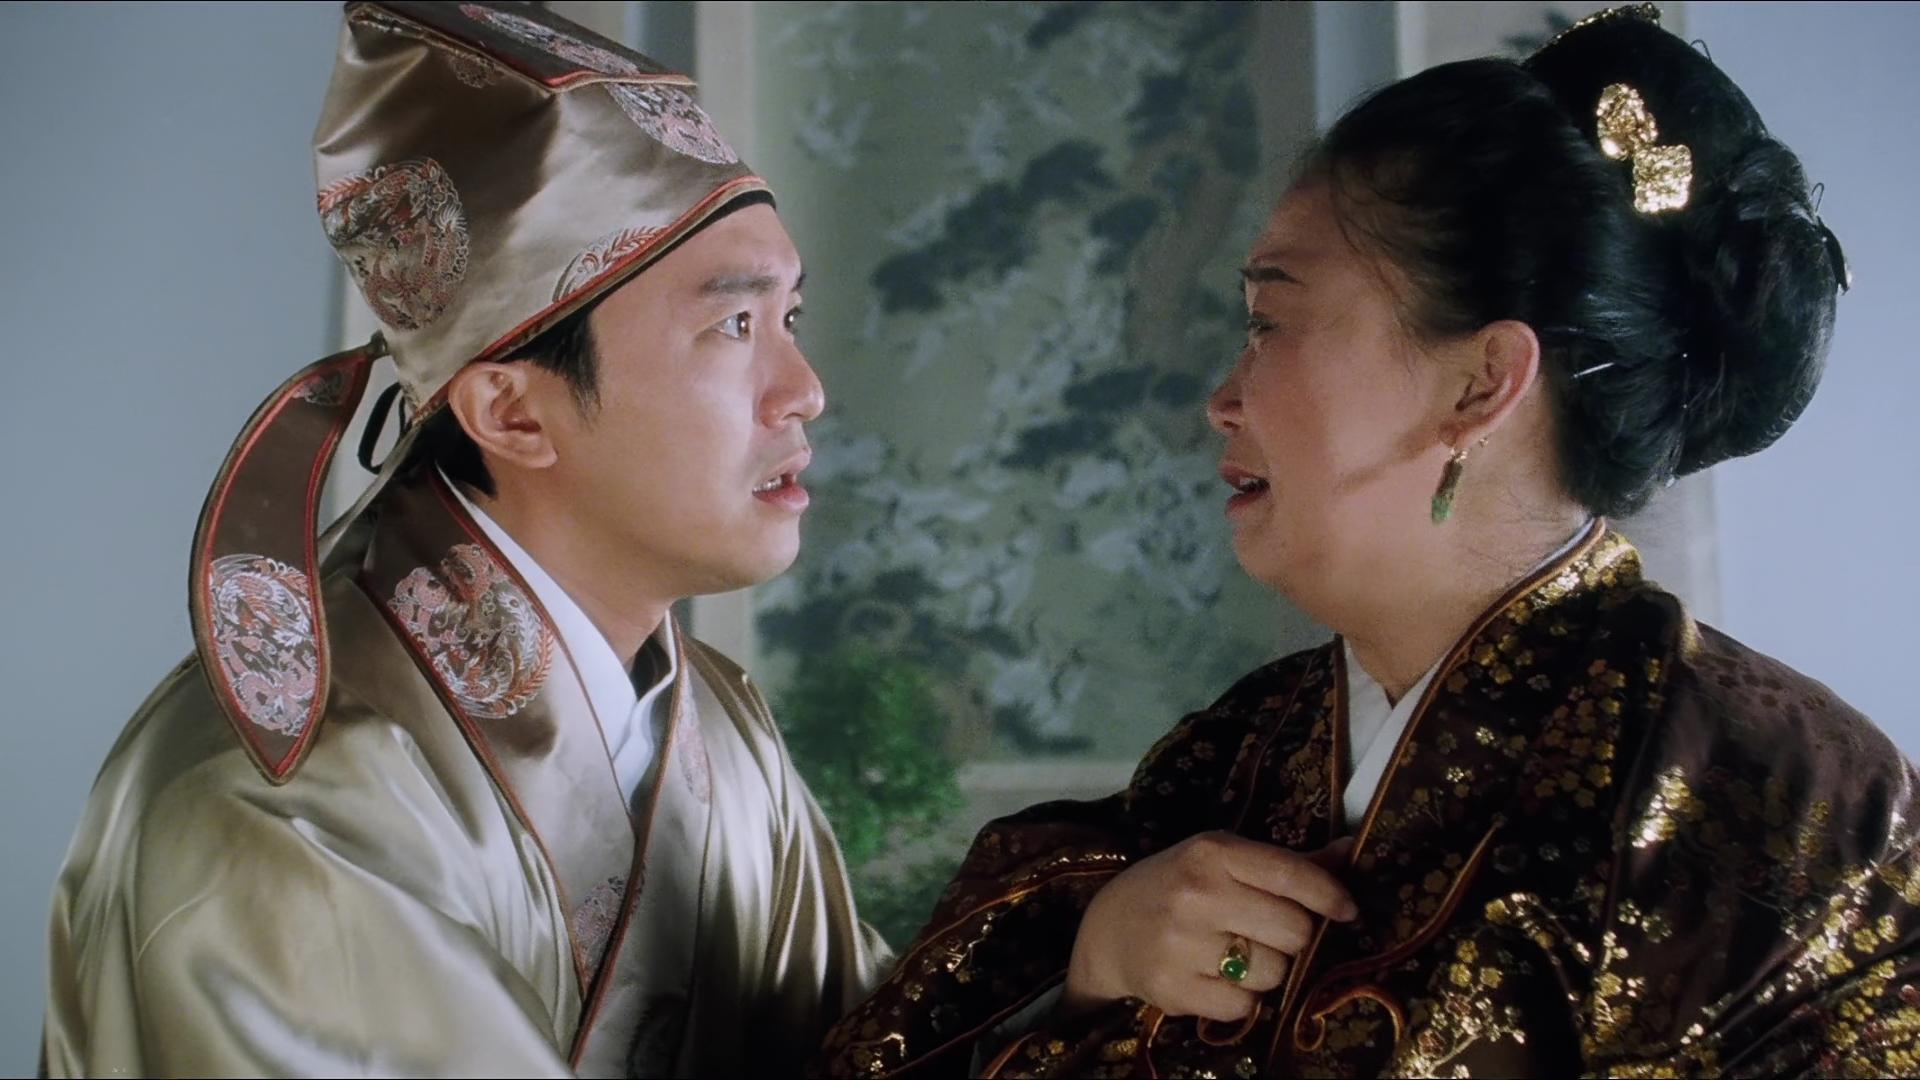 Flirting Scholar 1993 BluRay 1080p x265 10bit 2Audio MNHD-FRDS-USLT ~ Đường  Bá Hổ, Điểm Thu Hương | HDVietnam.com